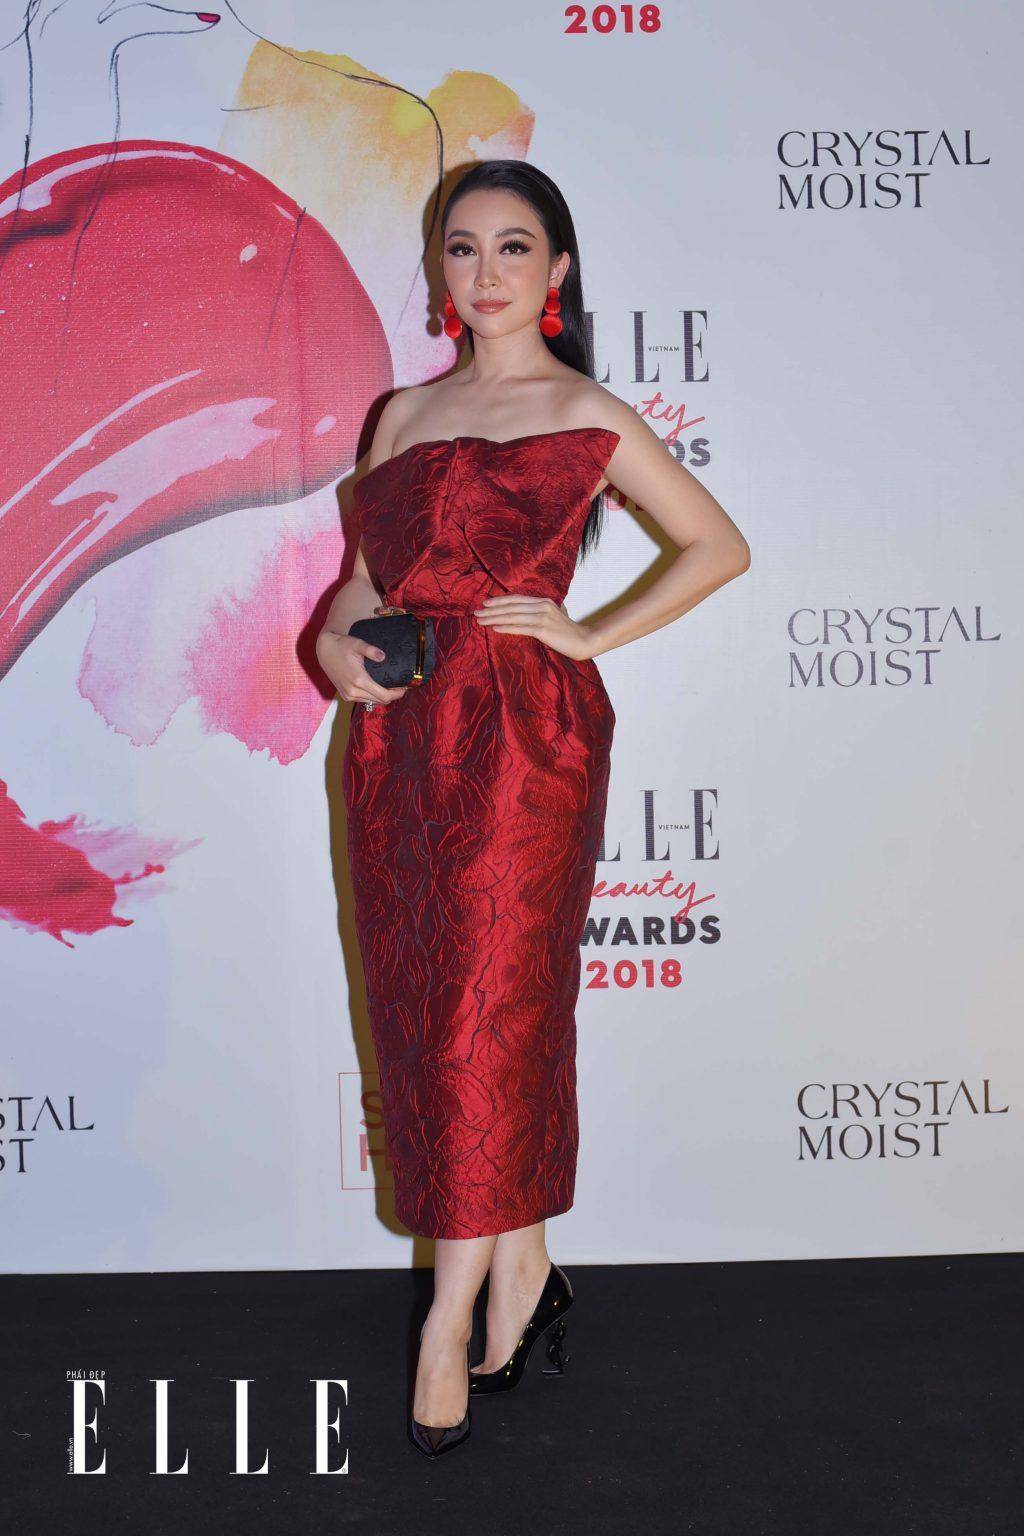 Elle Beauty Awards xu hướng làm đẹp nổi bật son bóng 5